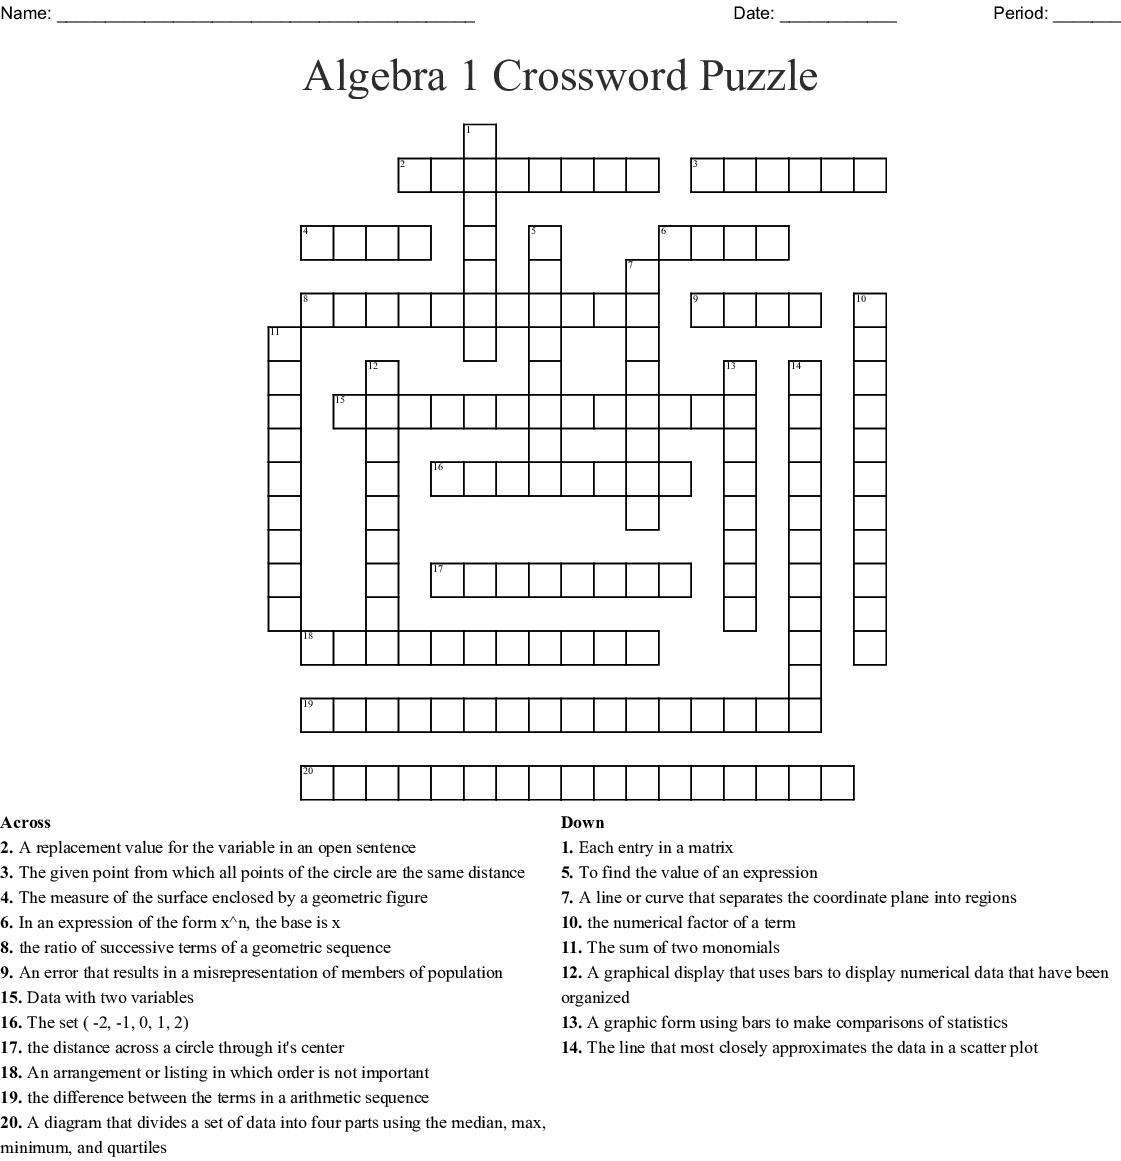 Algebra 1 Crossword Puzzle Crossword - Wordmint - Algebra Crossword Puzzle Printable